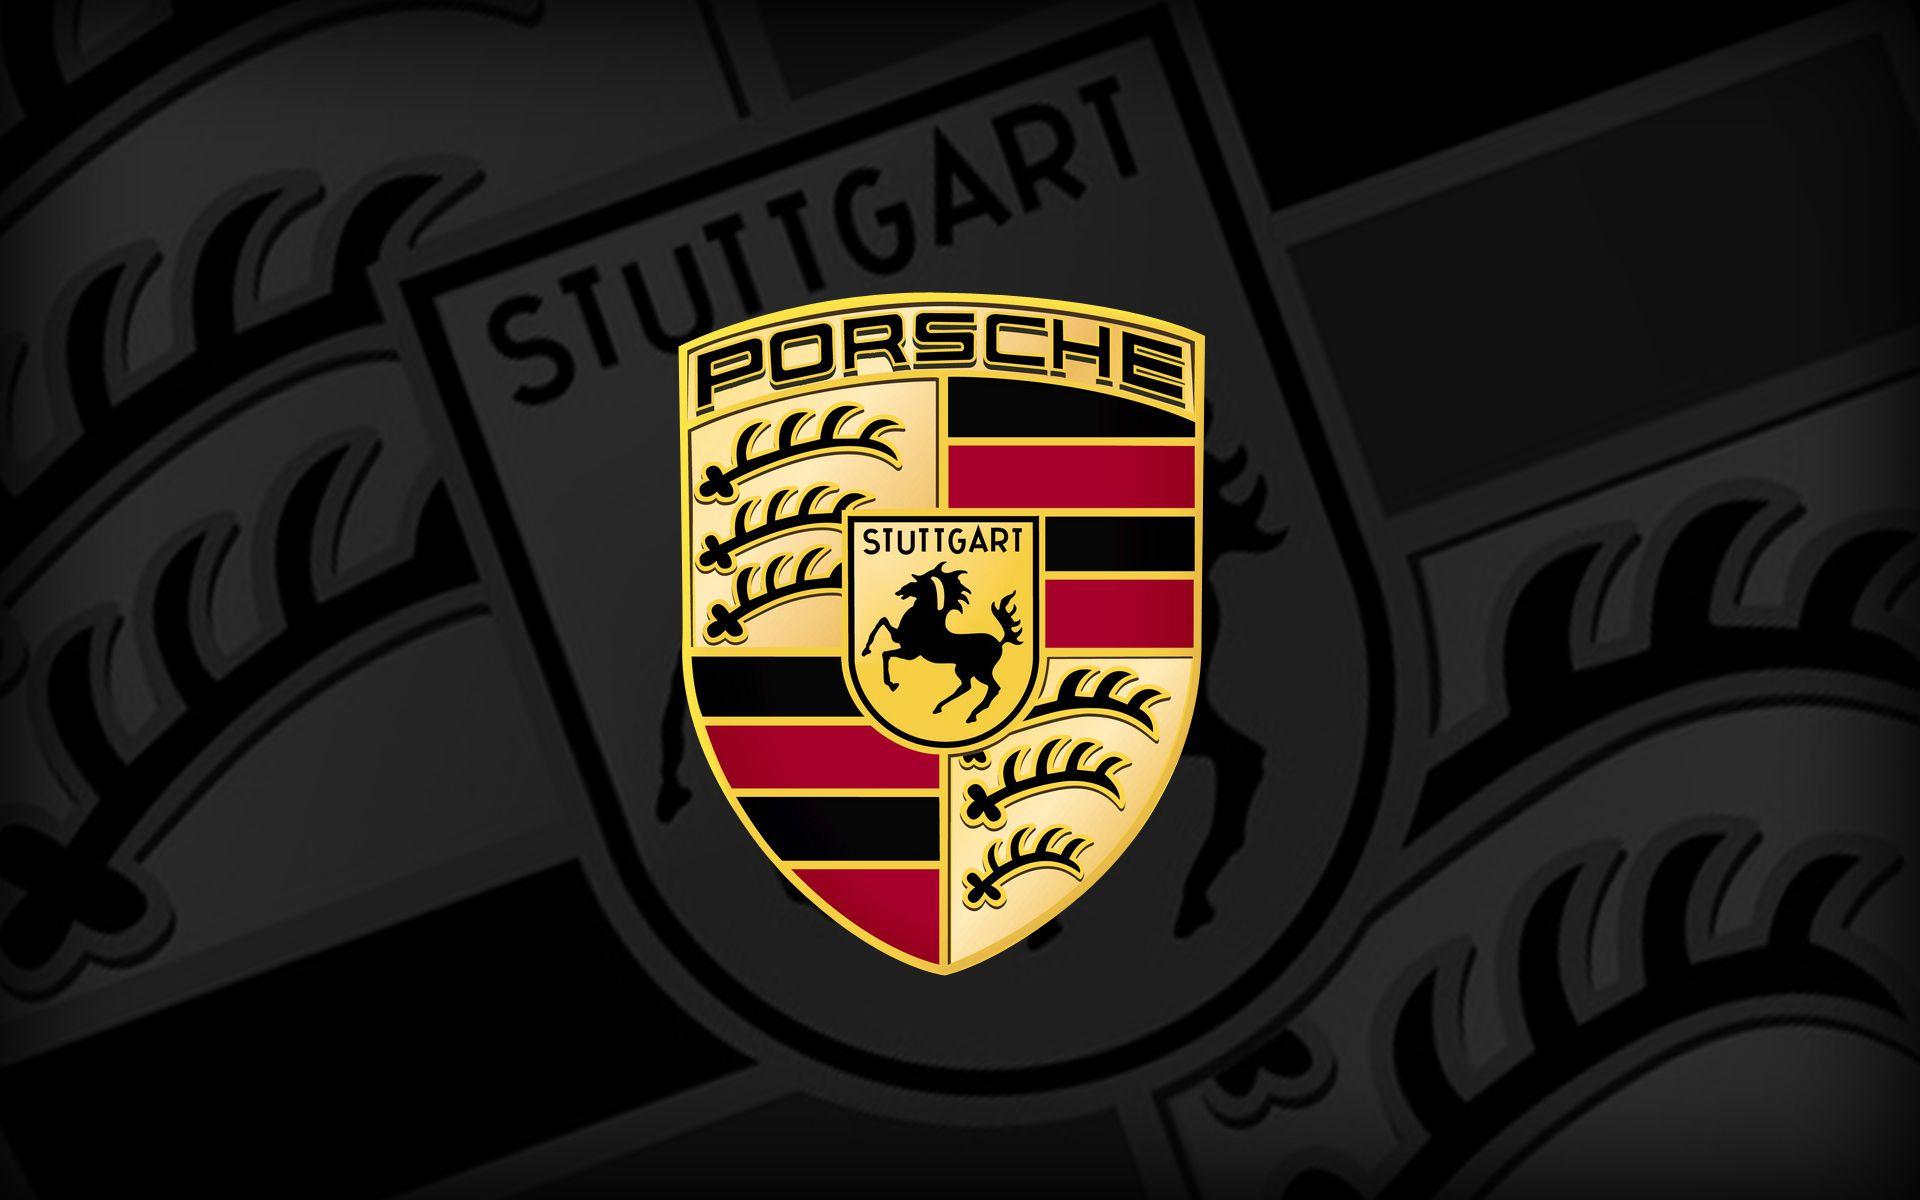 Porsche Wallpaper For Android Nuk Porsche Logo Car Logos Logos